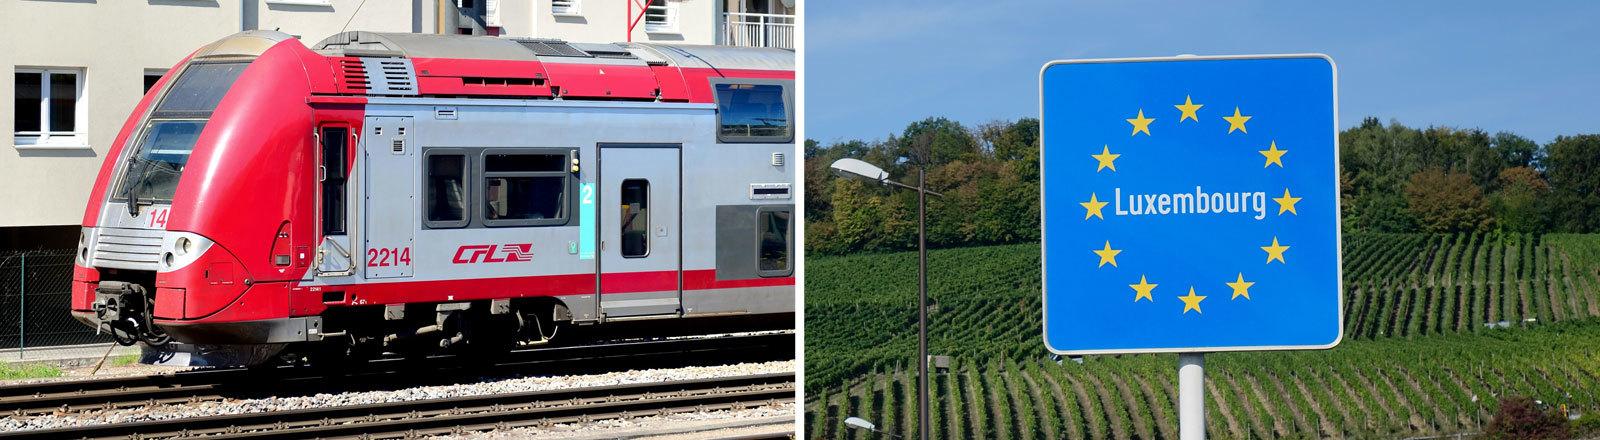 Ein Regionalzug der Societe Nationale des Chemins de Fer Luxembourgeois (CFL) fährt am 06.05.2018 in Petange (Luxemburg) an Wohnhäusern vorbei. Luxemburg-Europaschild vor grünen Feldern.